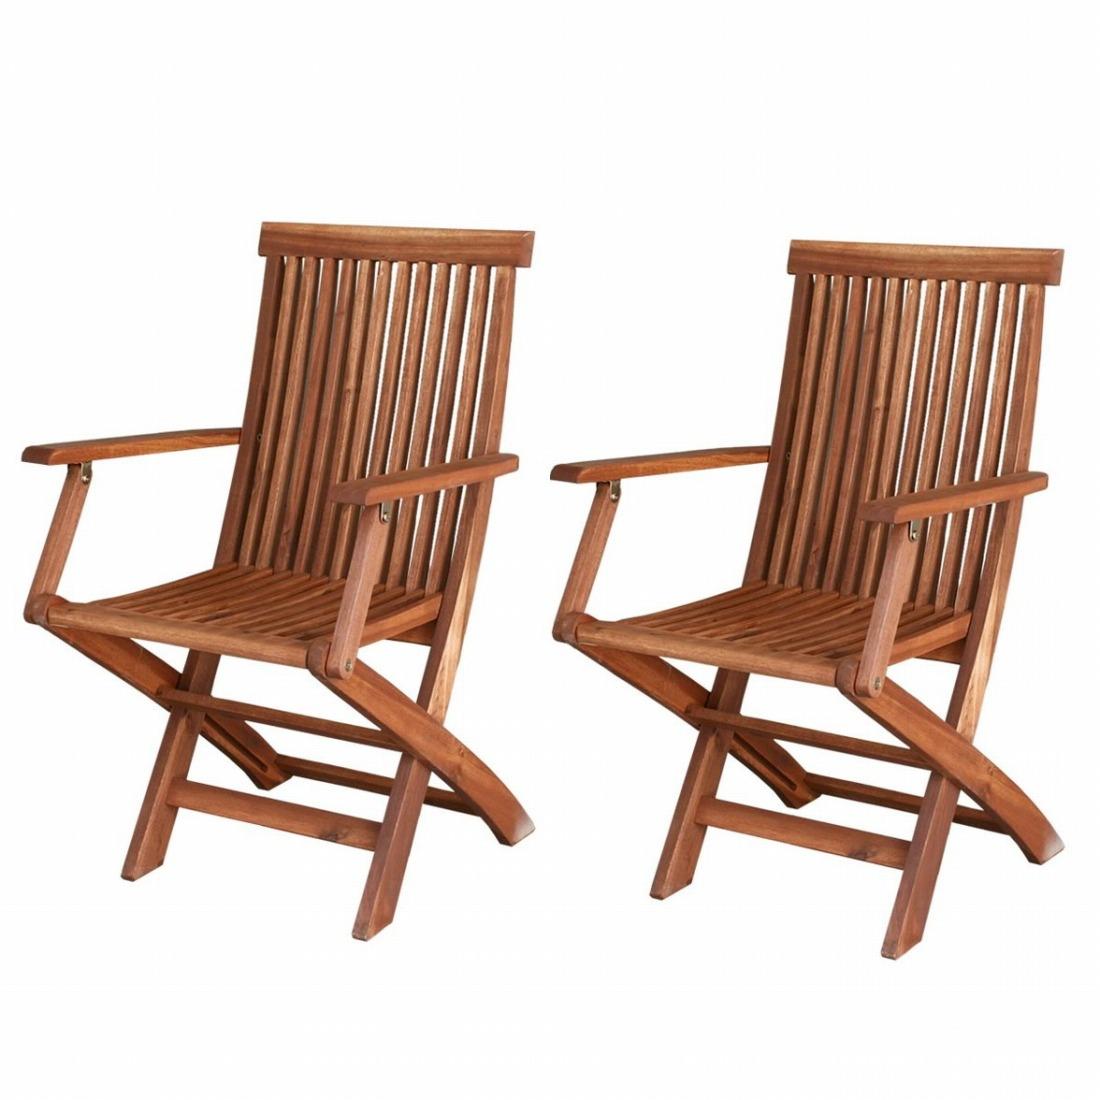 ガーデンチェア(肘付) 2脚セット 木製 天然木 庭 ベランダ おしゃれ 北欧 ガーデン 屋外 ピクニック キャンプ(代引不可)【送料無料】